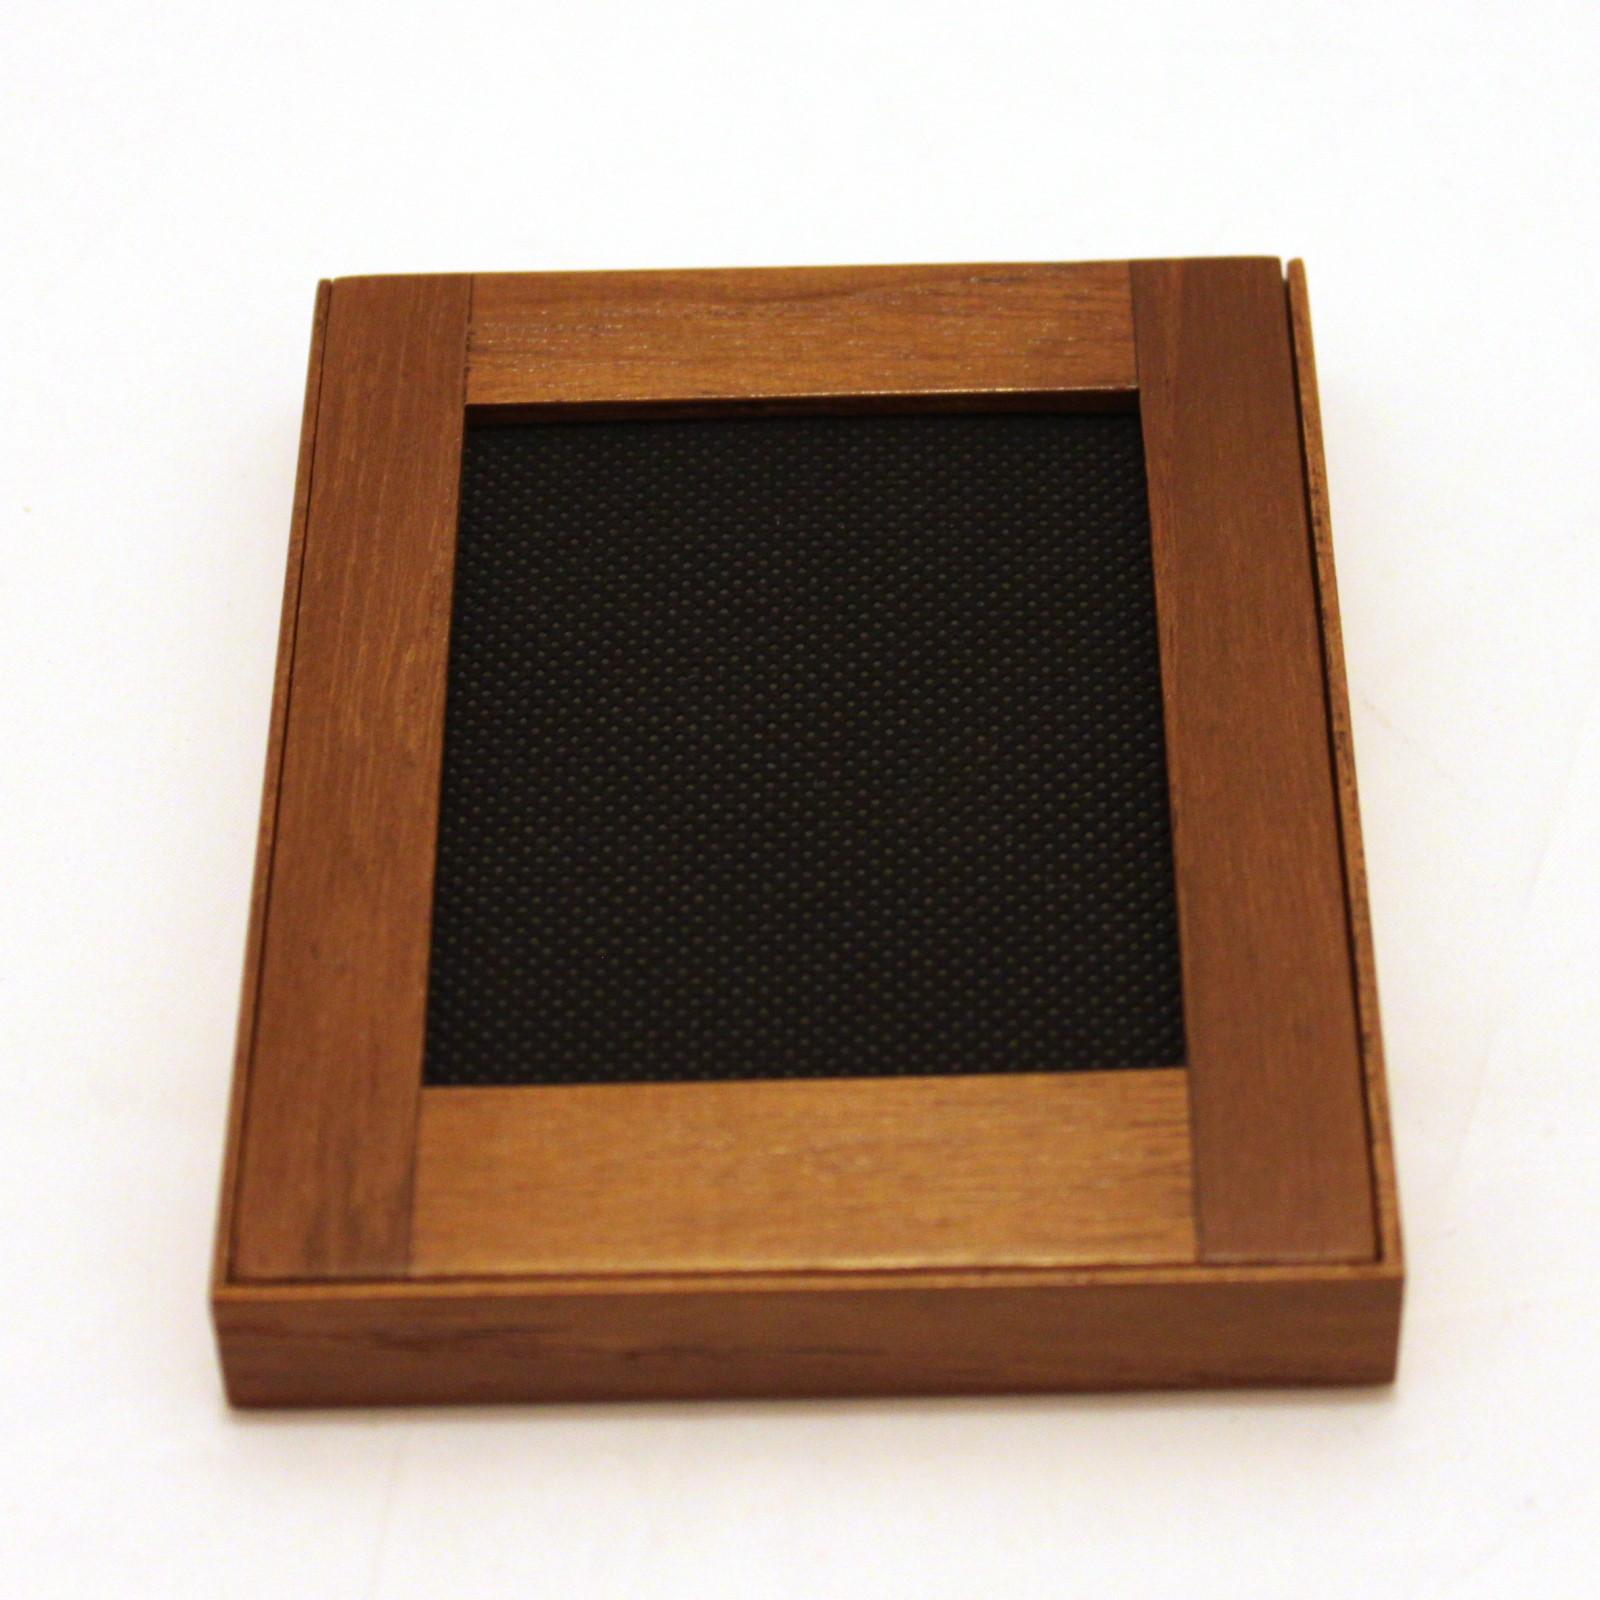 Enigma Frame by Magic Wagon